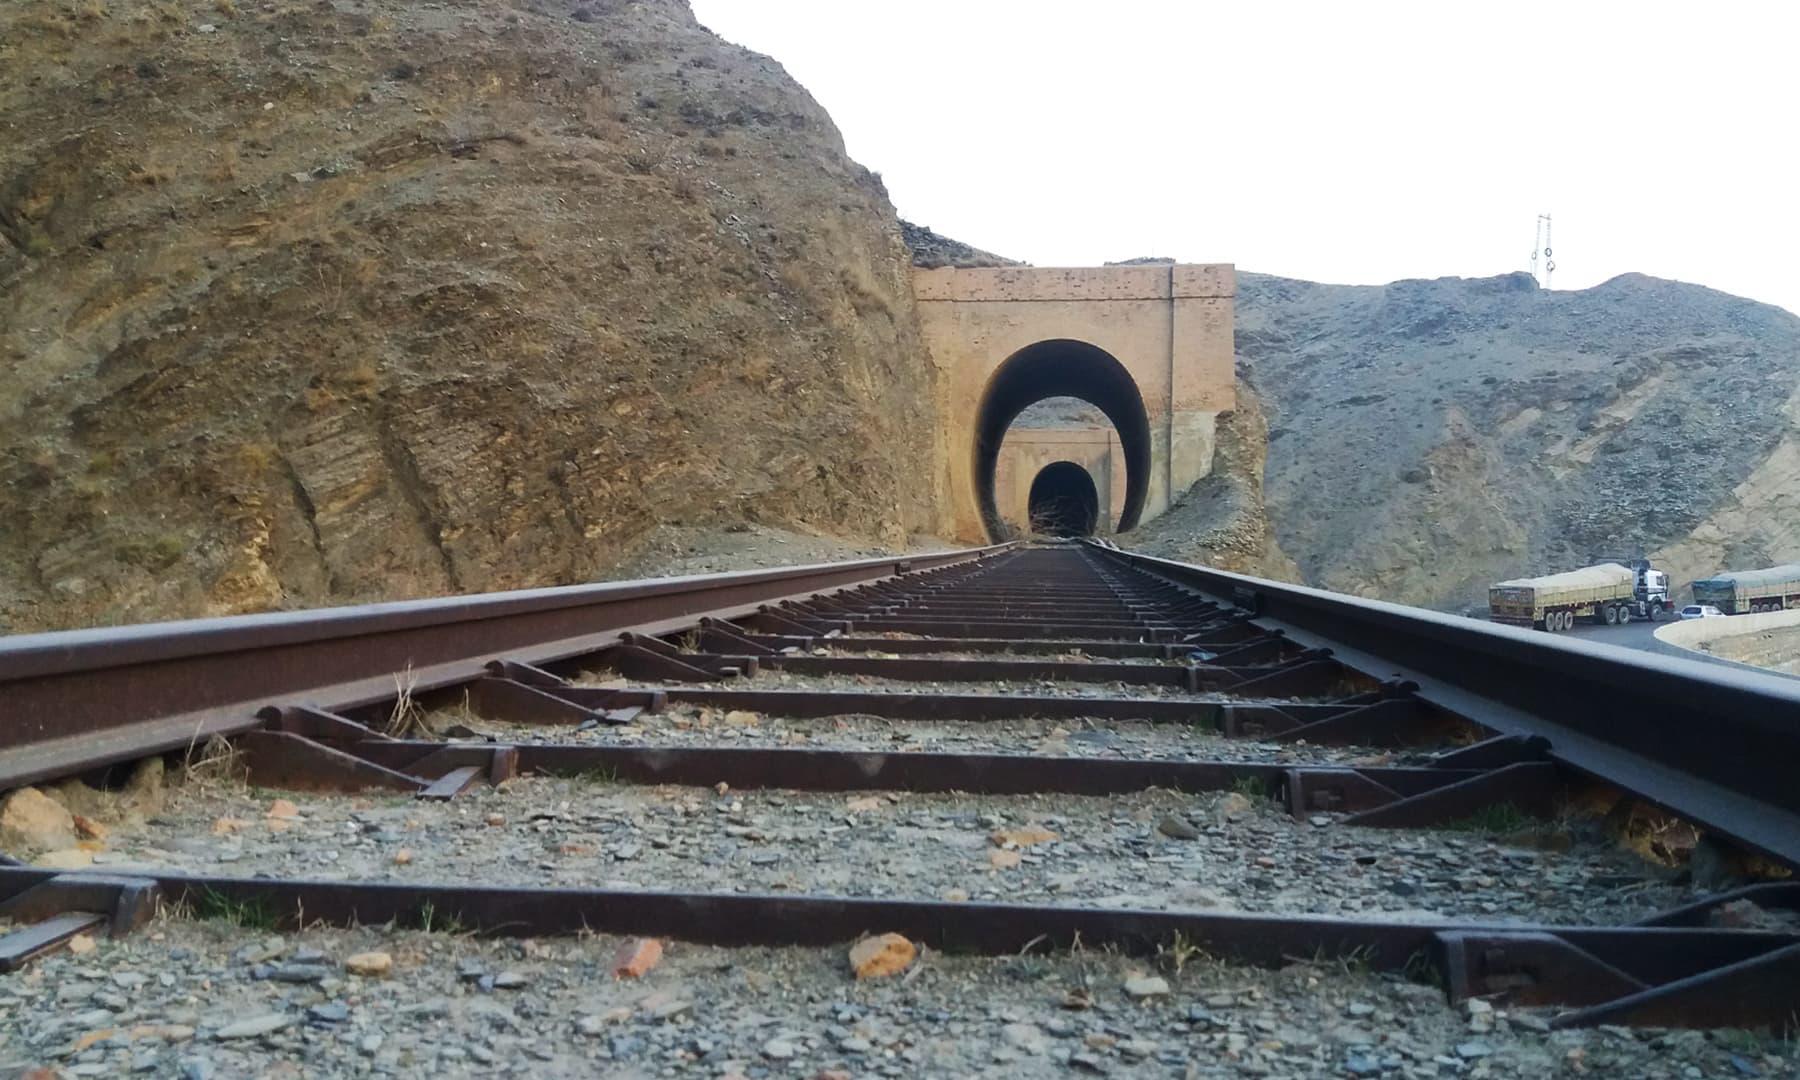 خیبر پاس کے بلند پہاڑوں میں 3900 فٹ بلندی پر تعمیر کی گئی یہ ریلوے  لائن برطانوی راج کا ایک بڑا کارنامہ تھا —فوٹو: عظمت اکبر